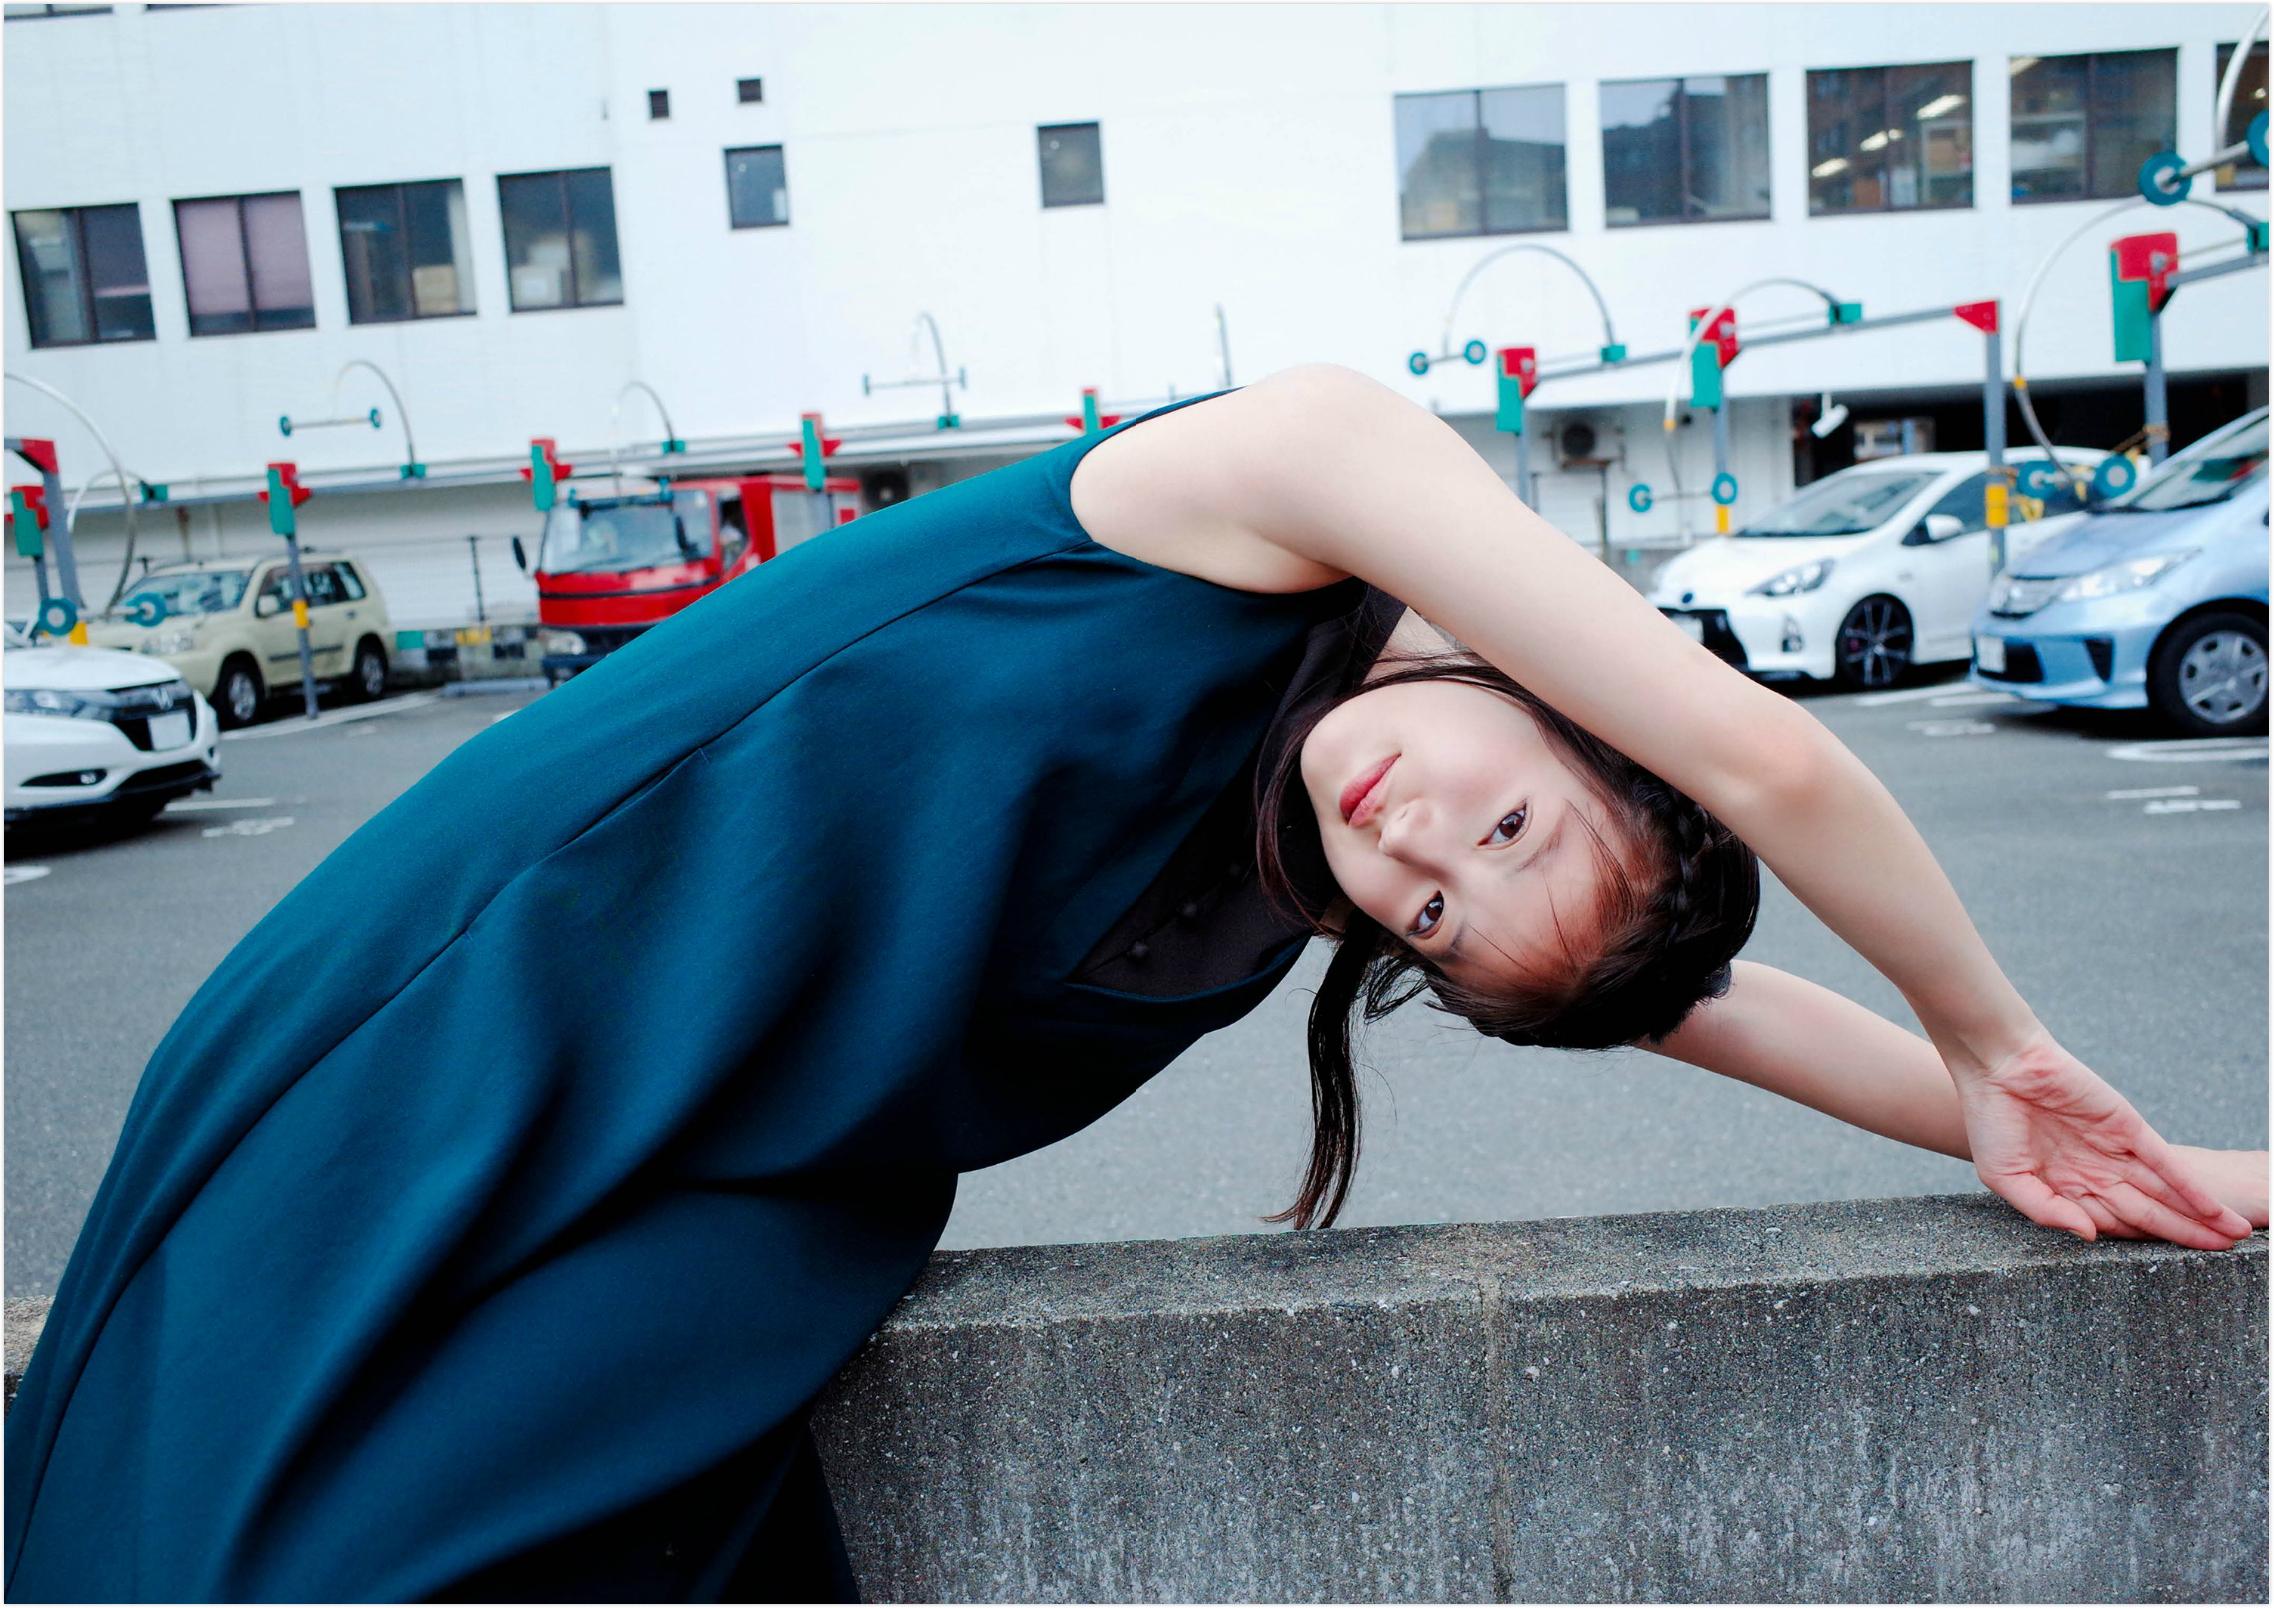 今田美樱Weekly Playboy写真集「スタミナ」 养眼图片 第23张